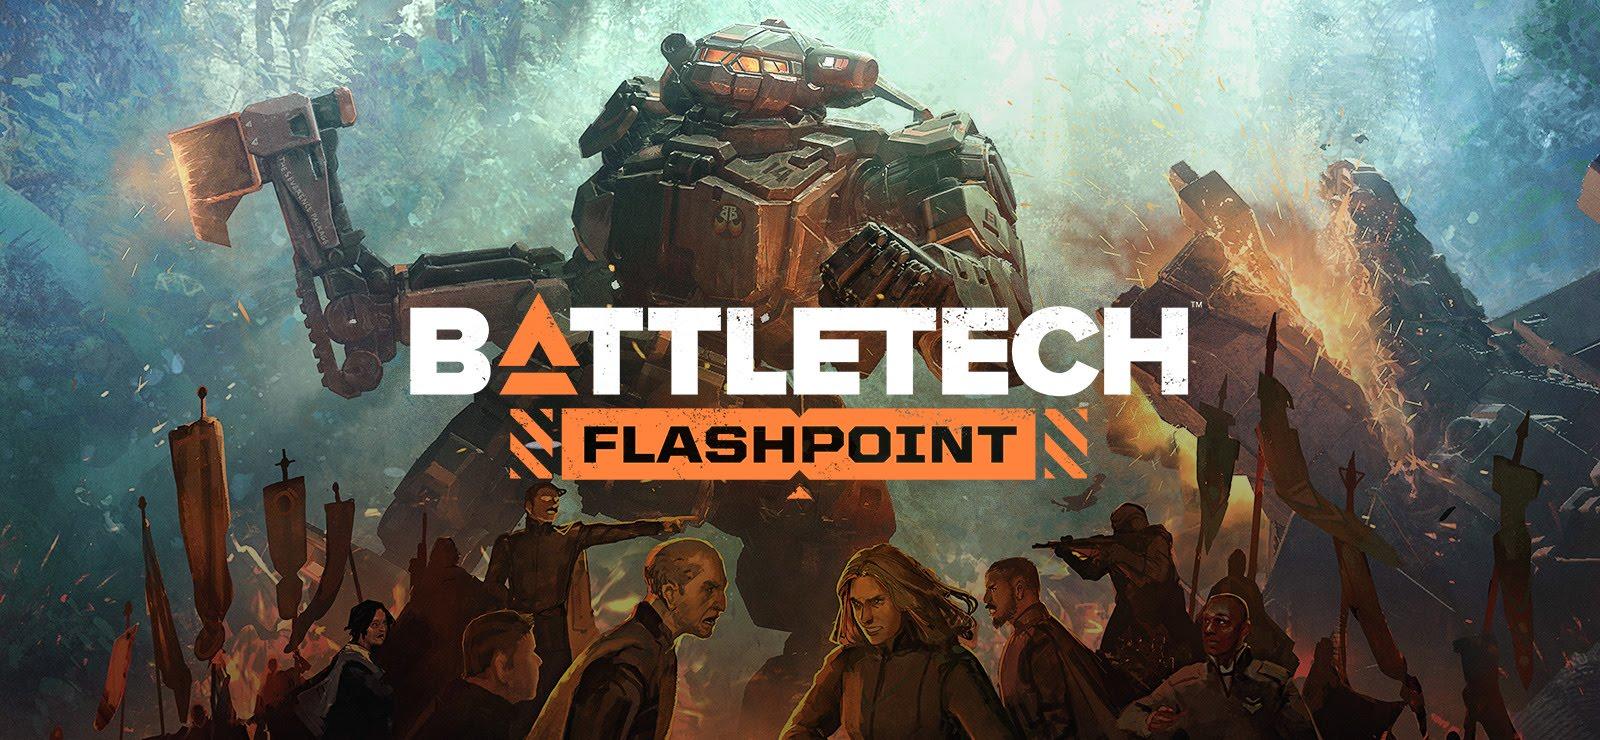 battletech-heavy-metal